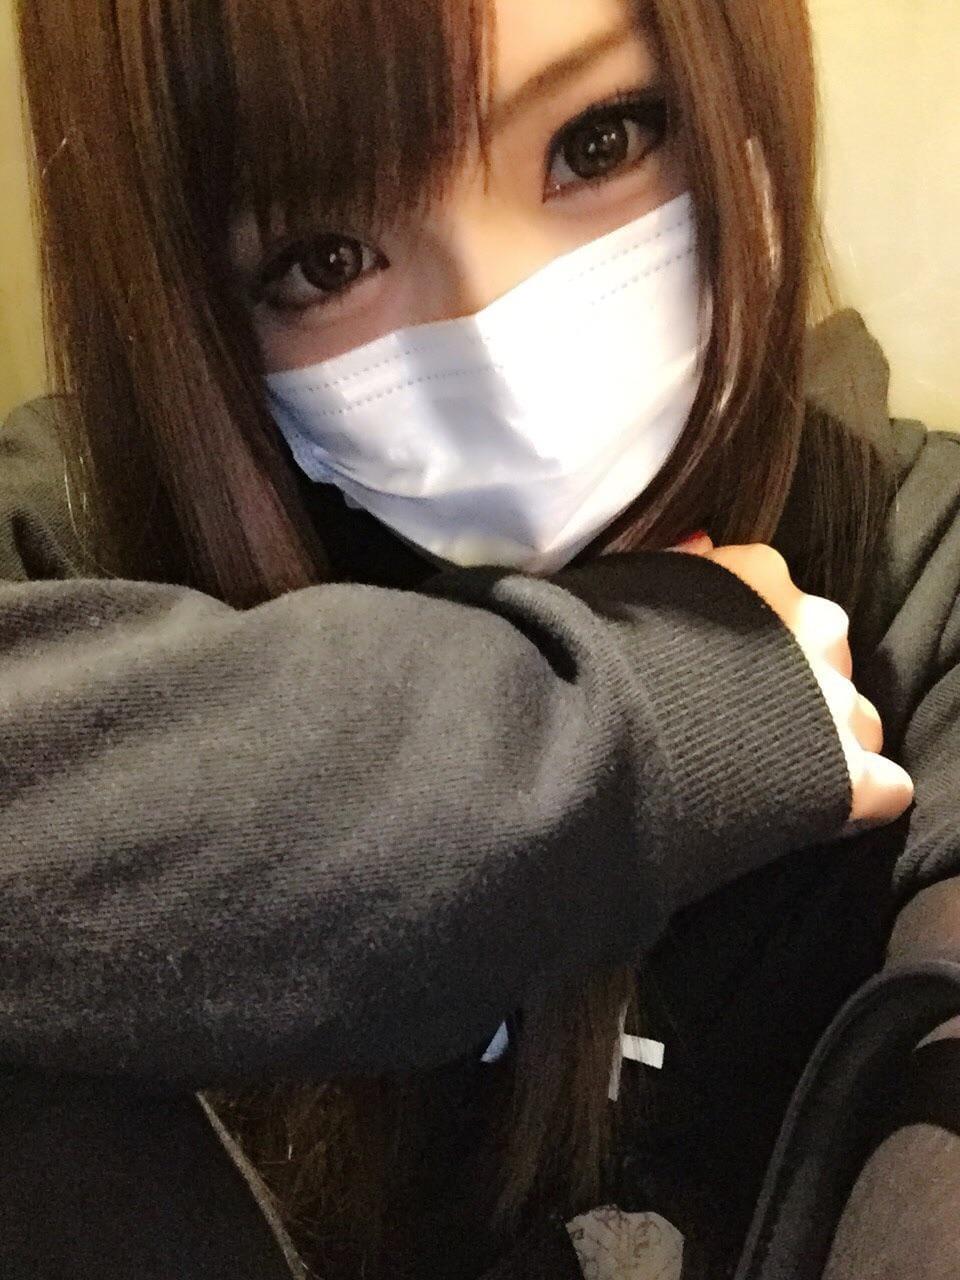 「11/21☆お礼ちぇるっ」11/22(11/22) 01:25 | Reiの写メ・風俗動画